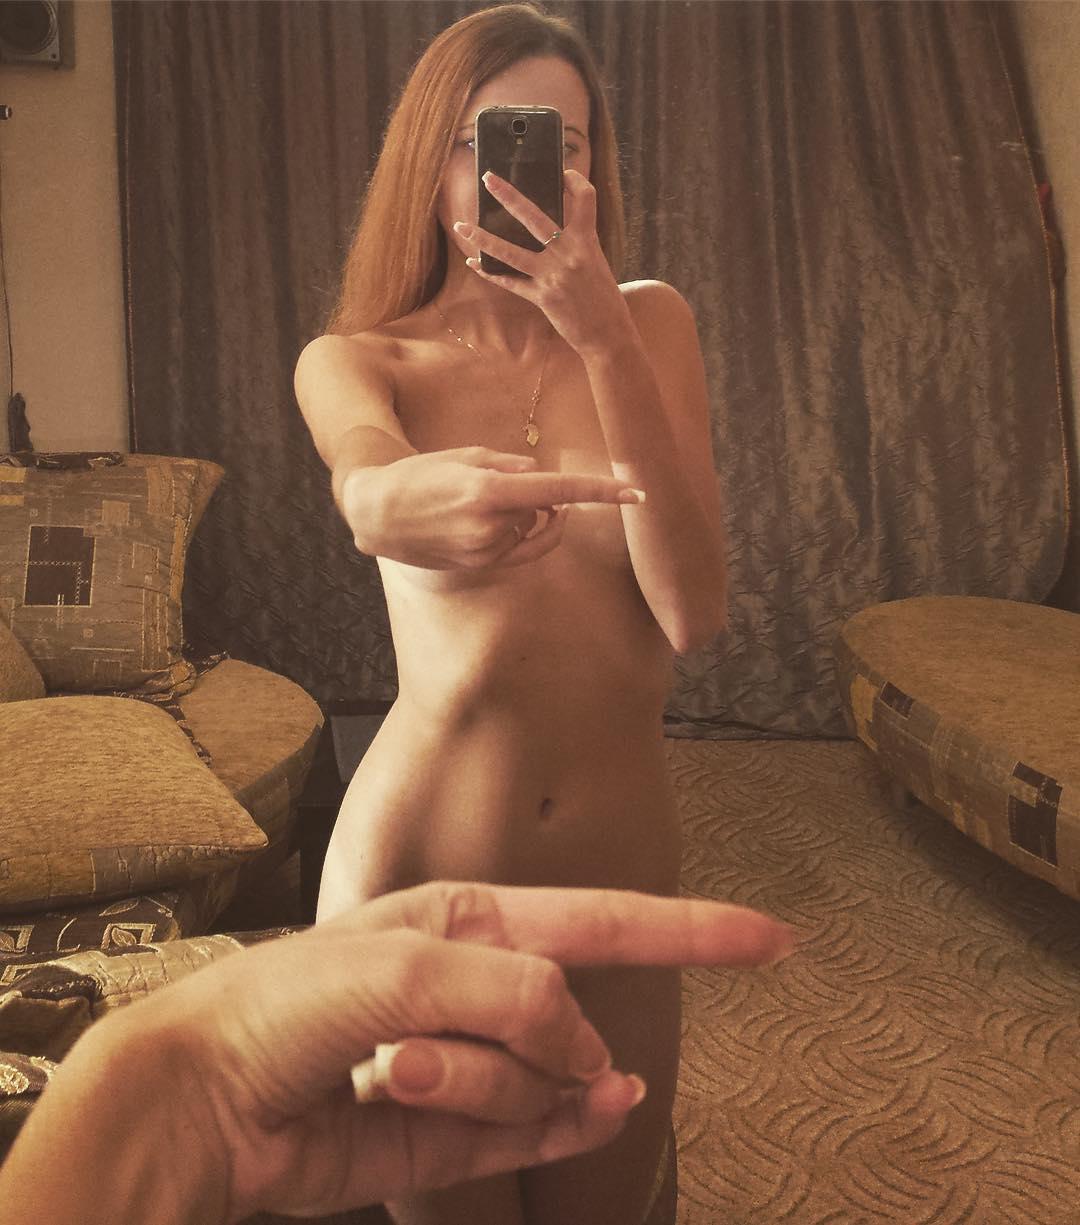 Finger pussy selfie